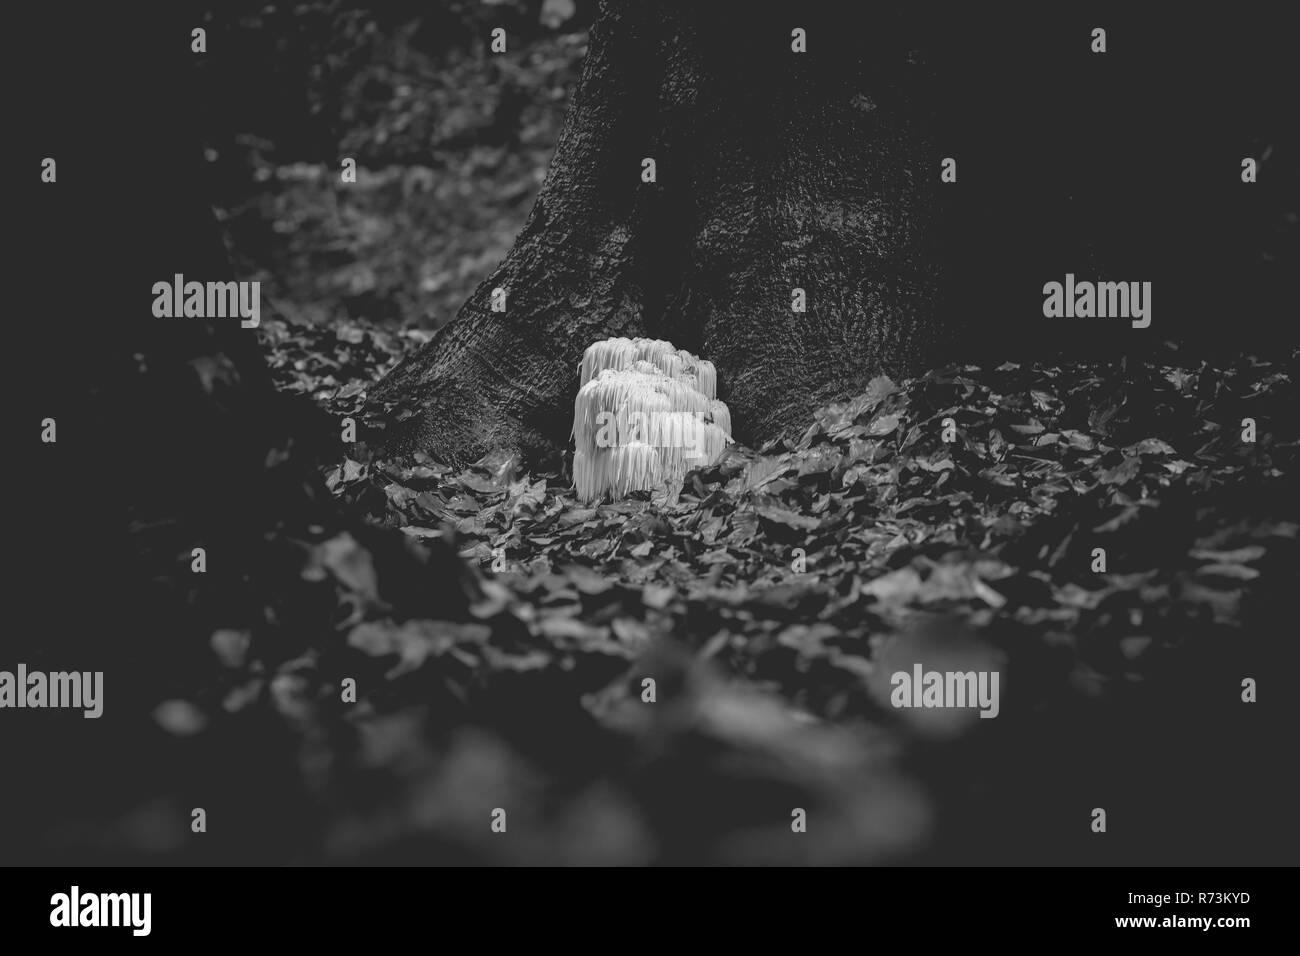 Il raro leone commestibili del fungo Mane / Hericium Erinaceus / pruikzwam nella foresta. Splendidamente radioso e colpisce con il suo colore bianco tra aut Immagini Stock